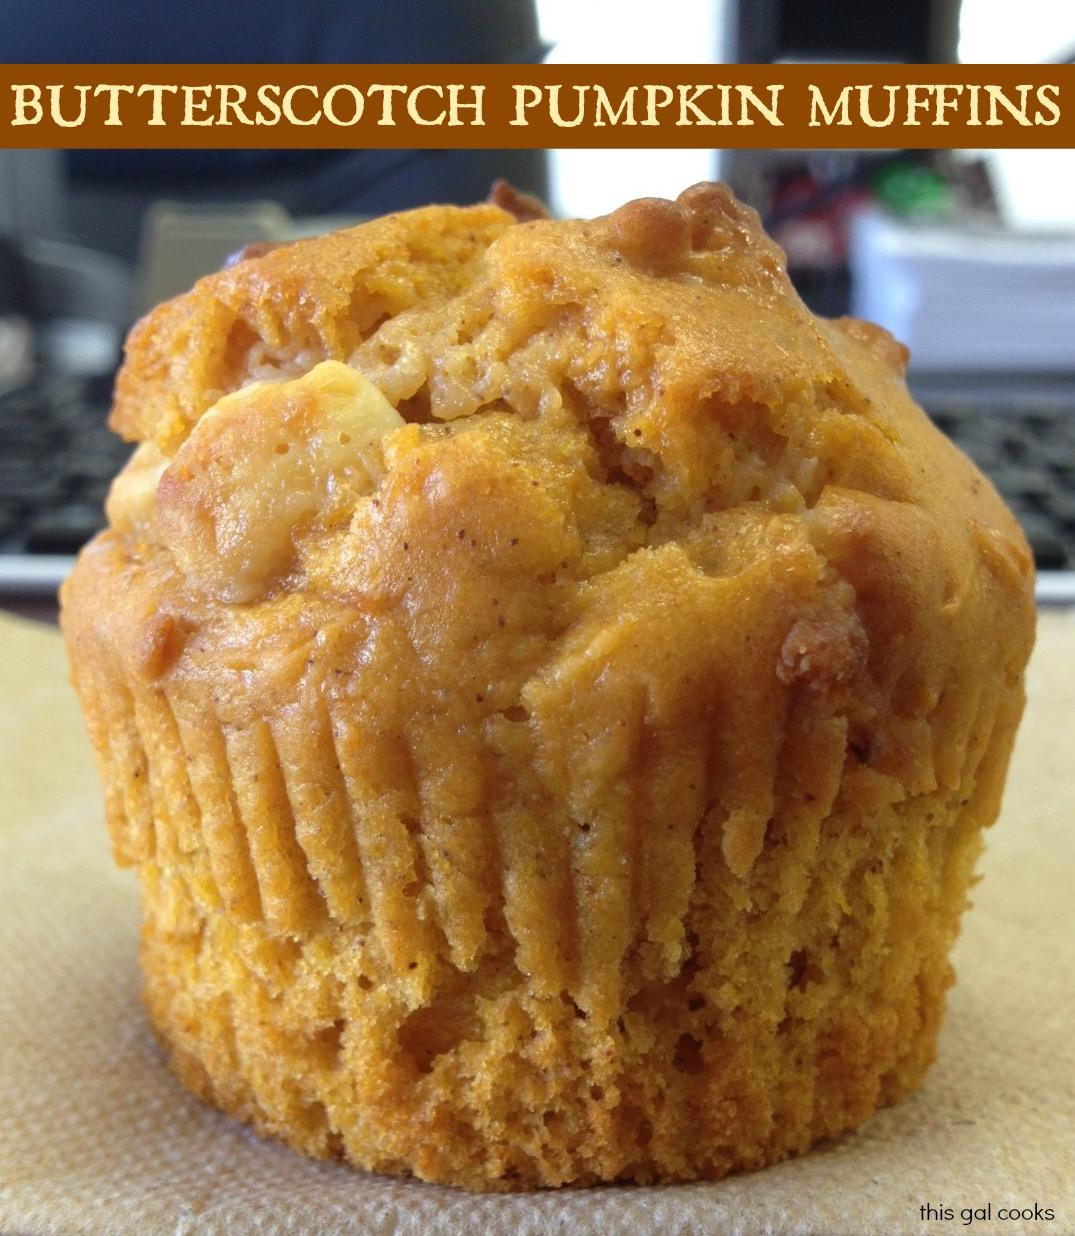 Butterscotch Pumpkin Muffins | This Gal Cooks